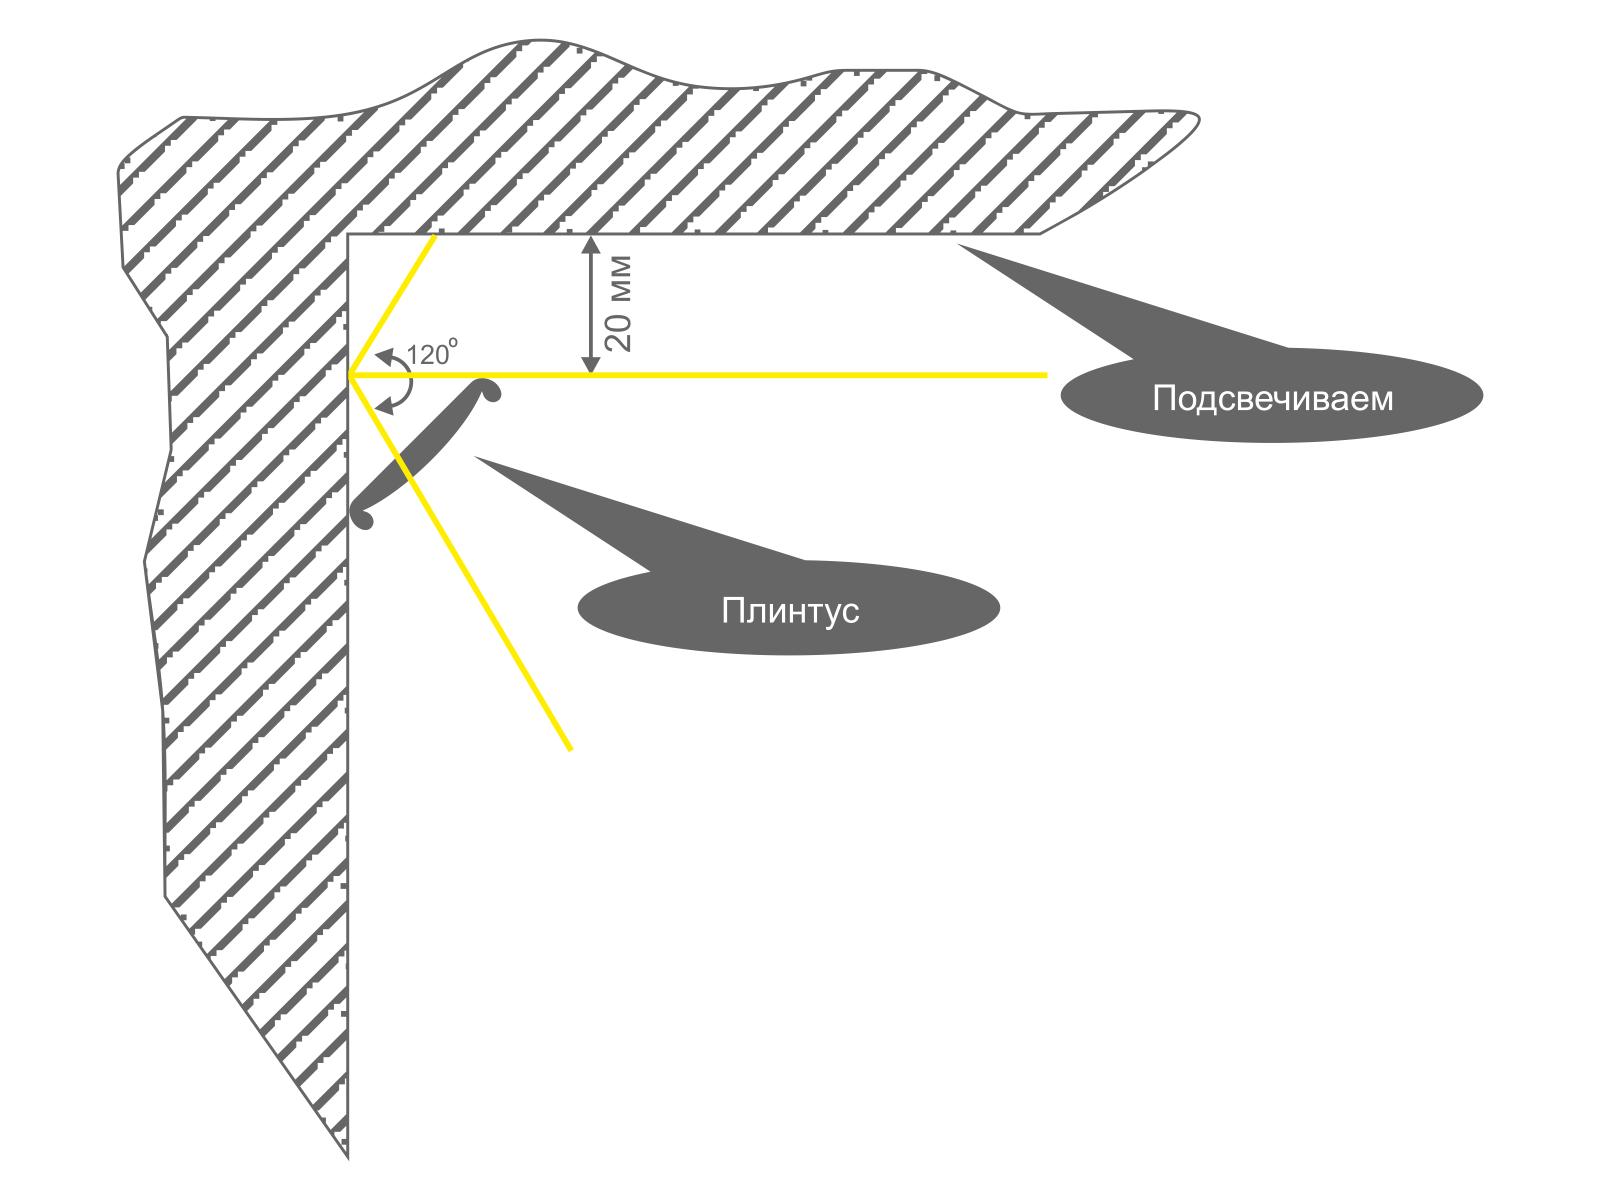 схема диодной подсветки выключателей